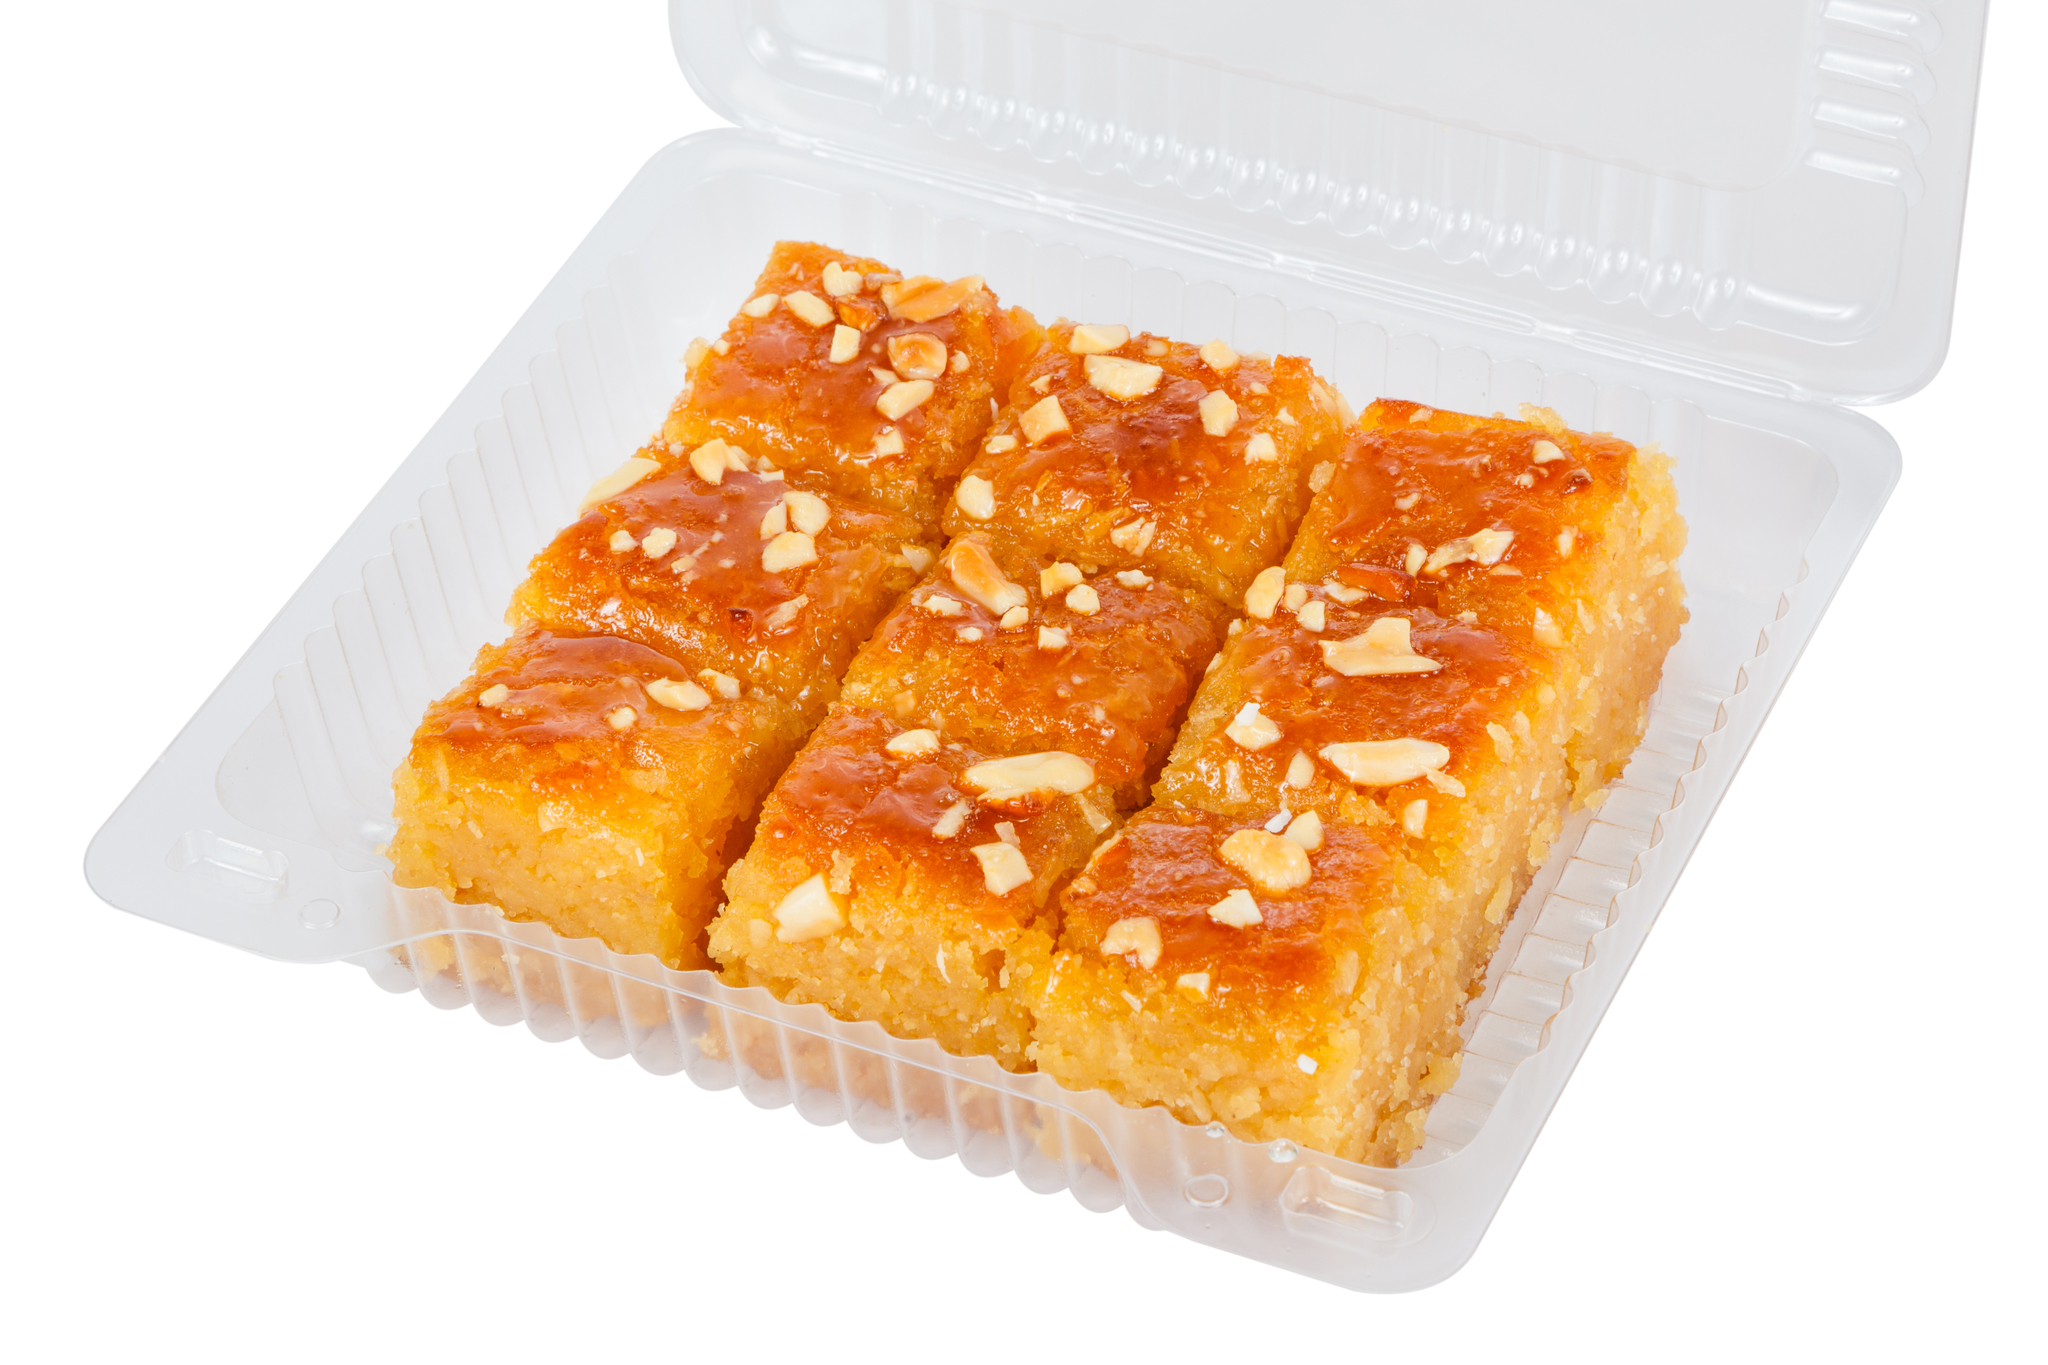 Восточные десерты Восточный десерт Намура с арахисом, 400 г import_files_7e_7e6d0bbd787e11e799f3606c664b1de1_2267780eae6c11e7b011fcaa1488e48f.jpg